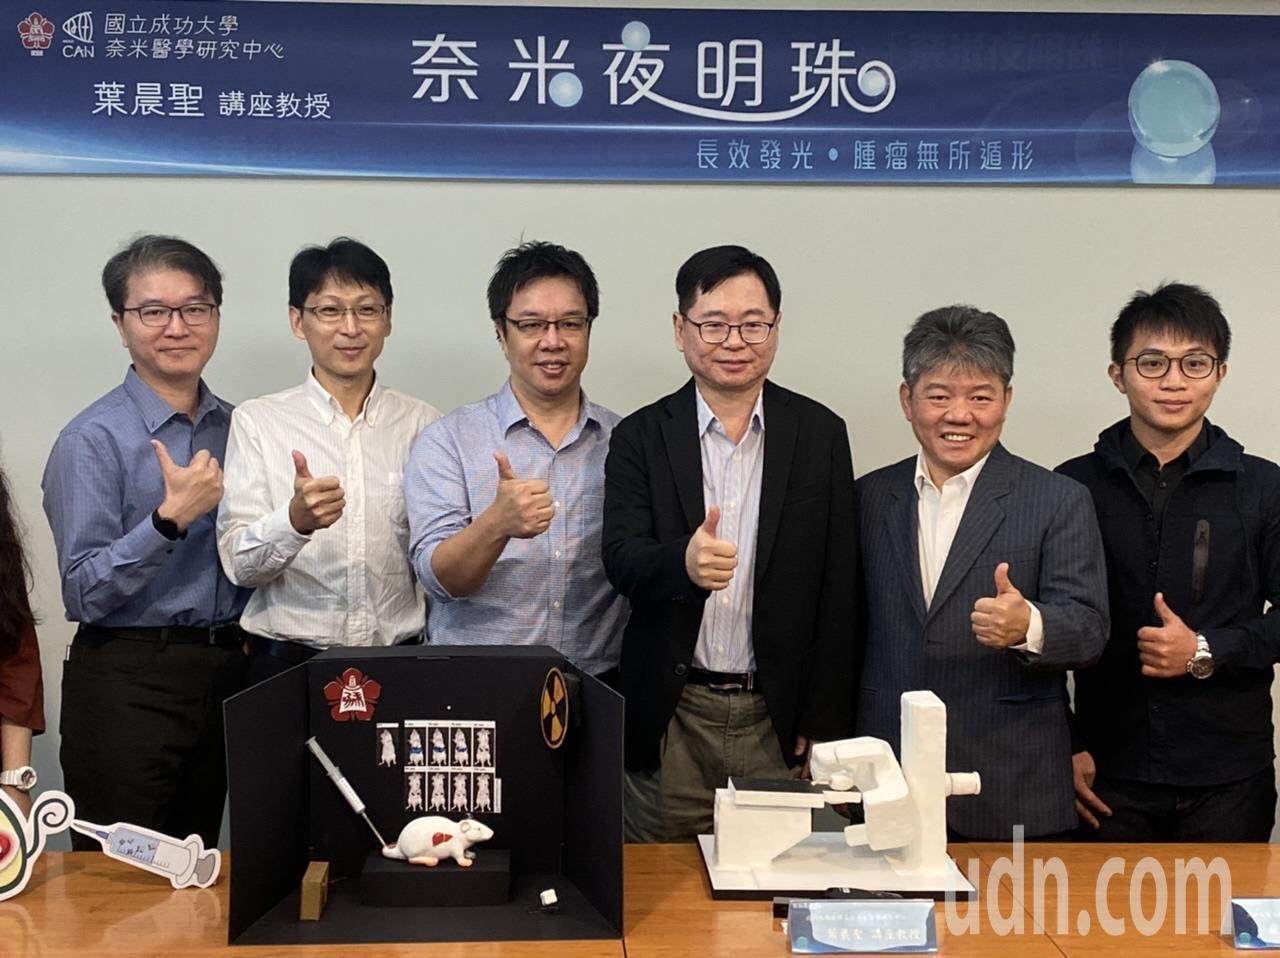 成大奈米中心與校外團隊研發出醫學用奈米級夜明珠。記者修瑞瑩/攝影